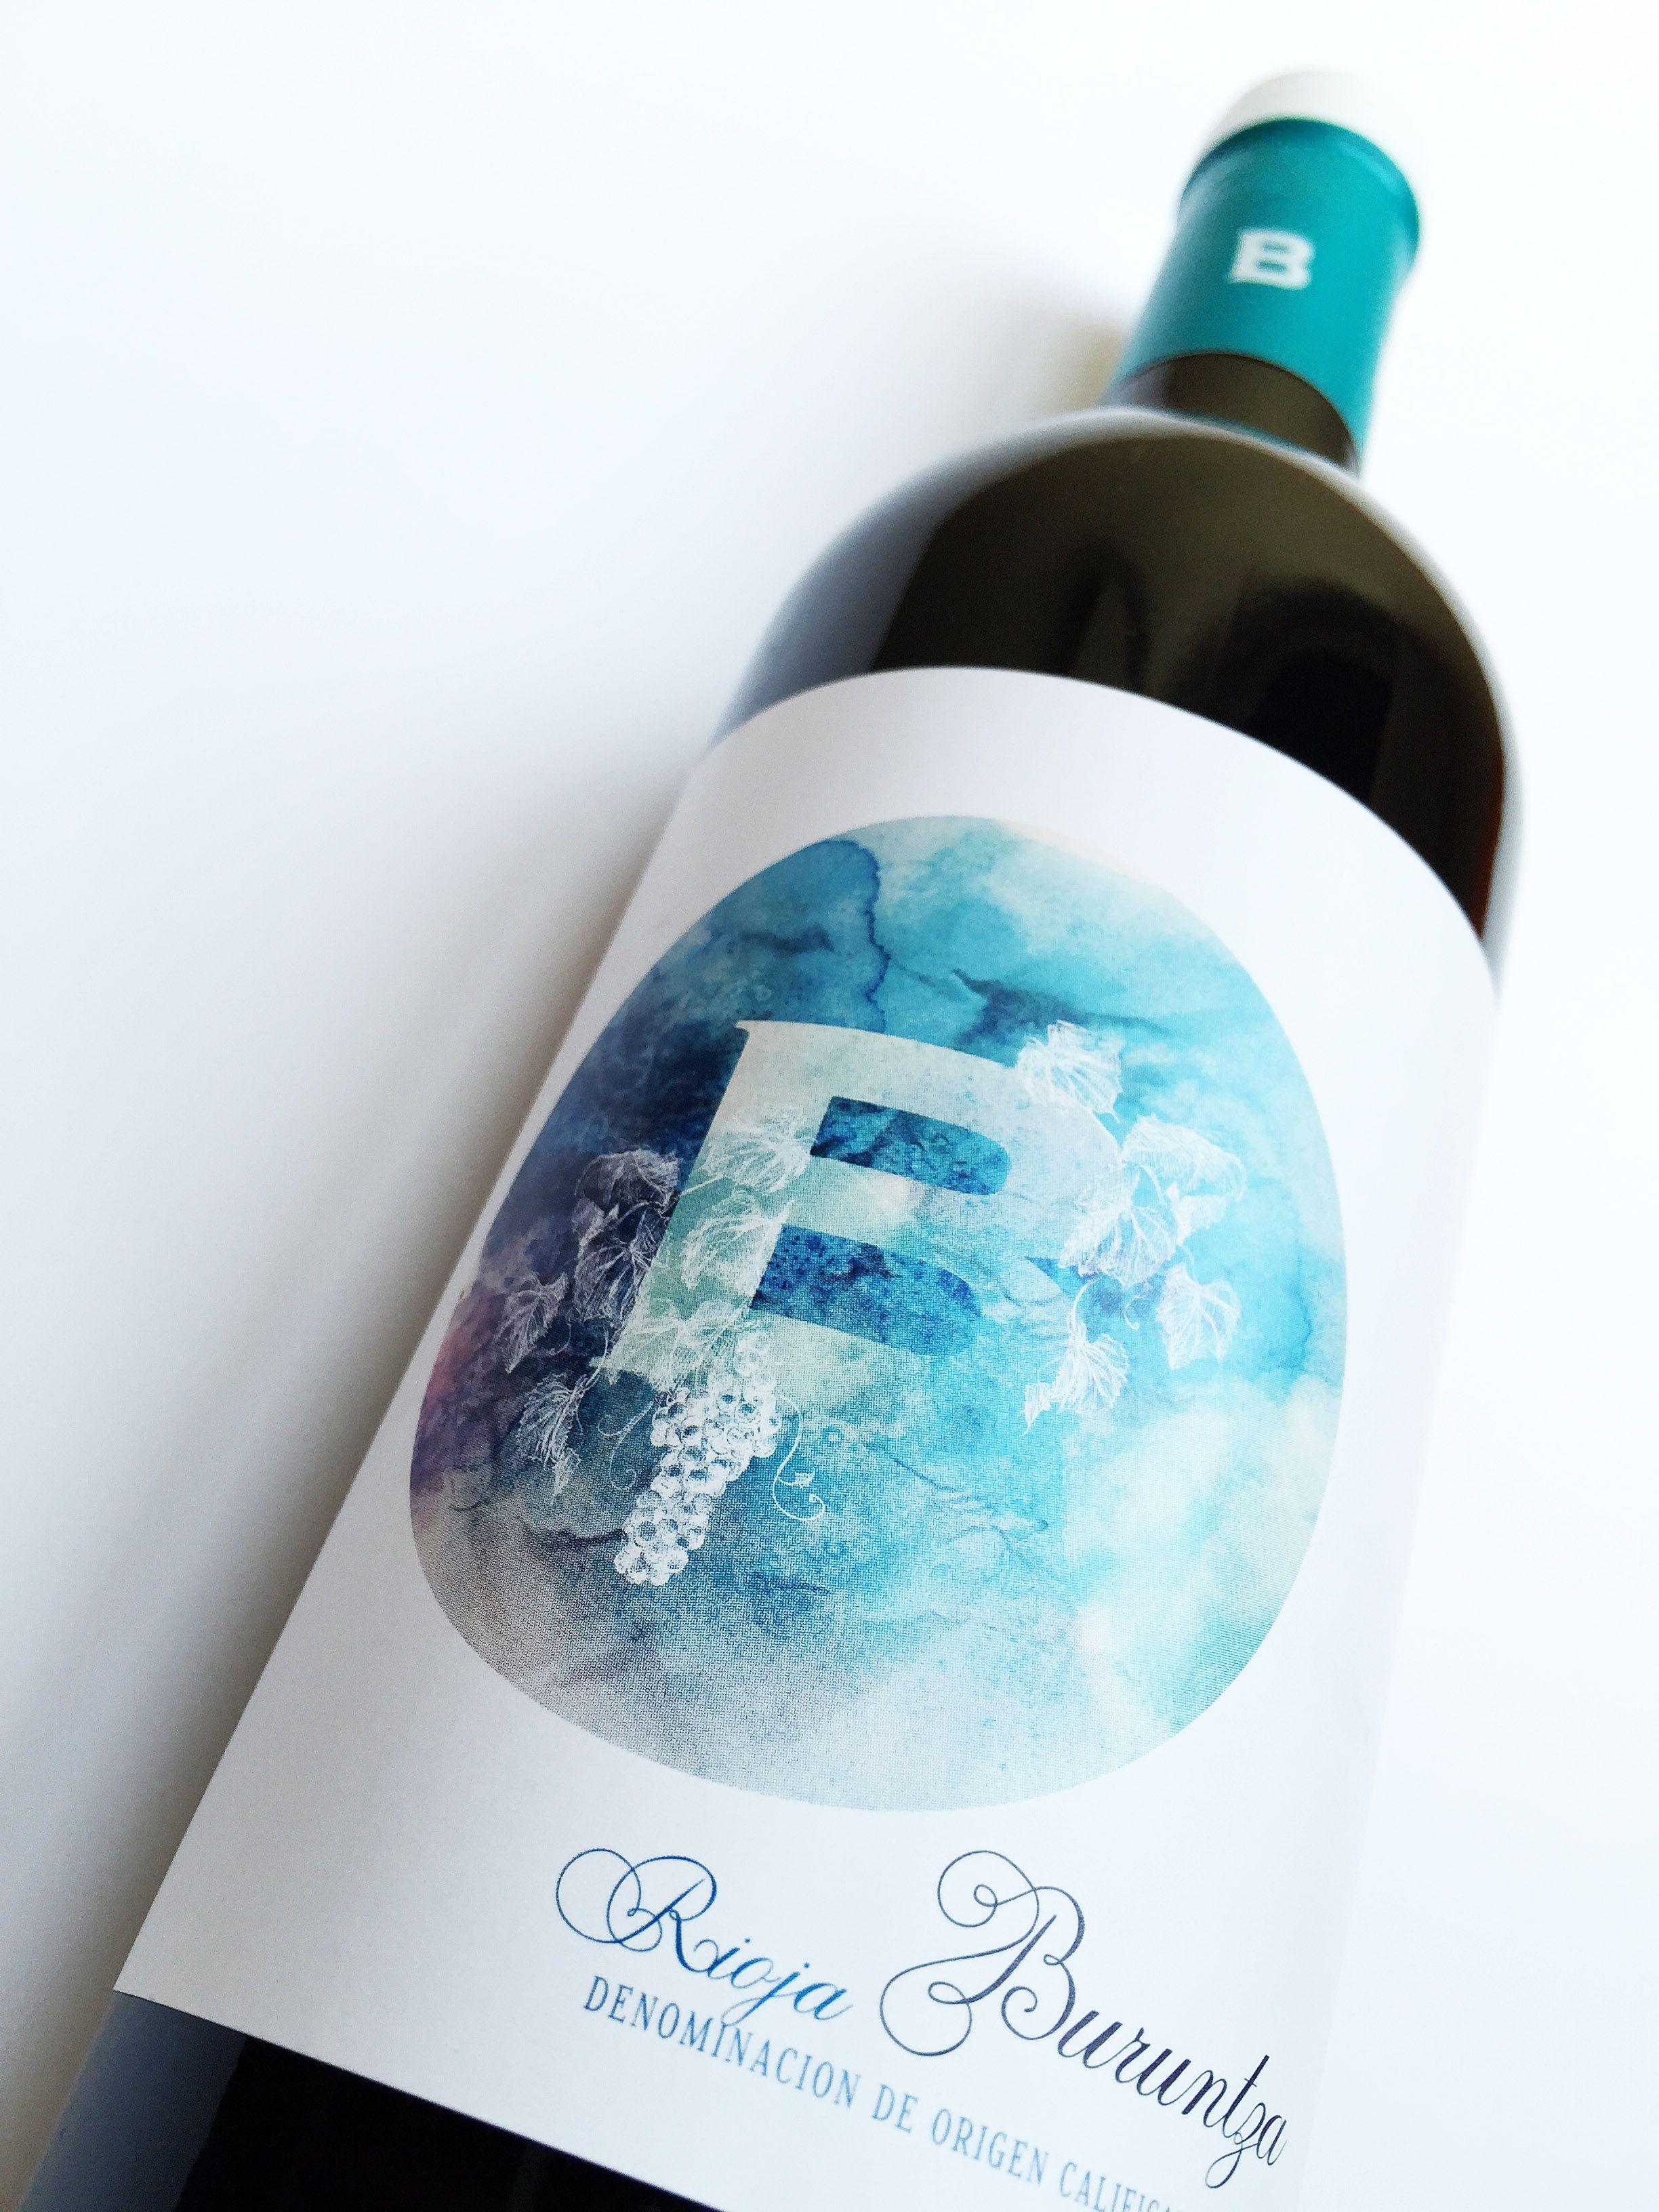 B de Buruntza. Azul de generosidad, frescor,  tranquilidad, verdad y eternidad.